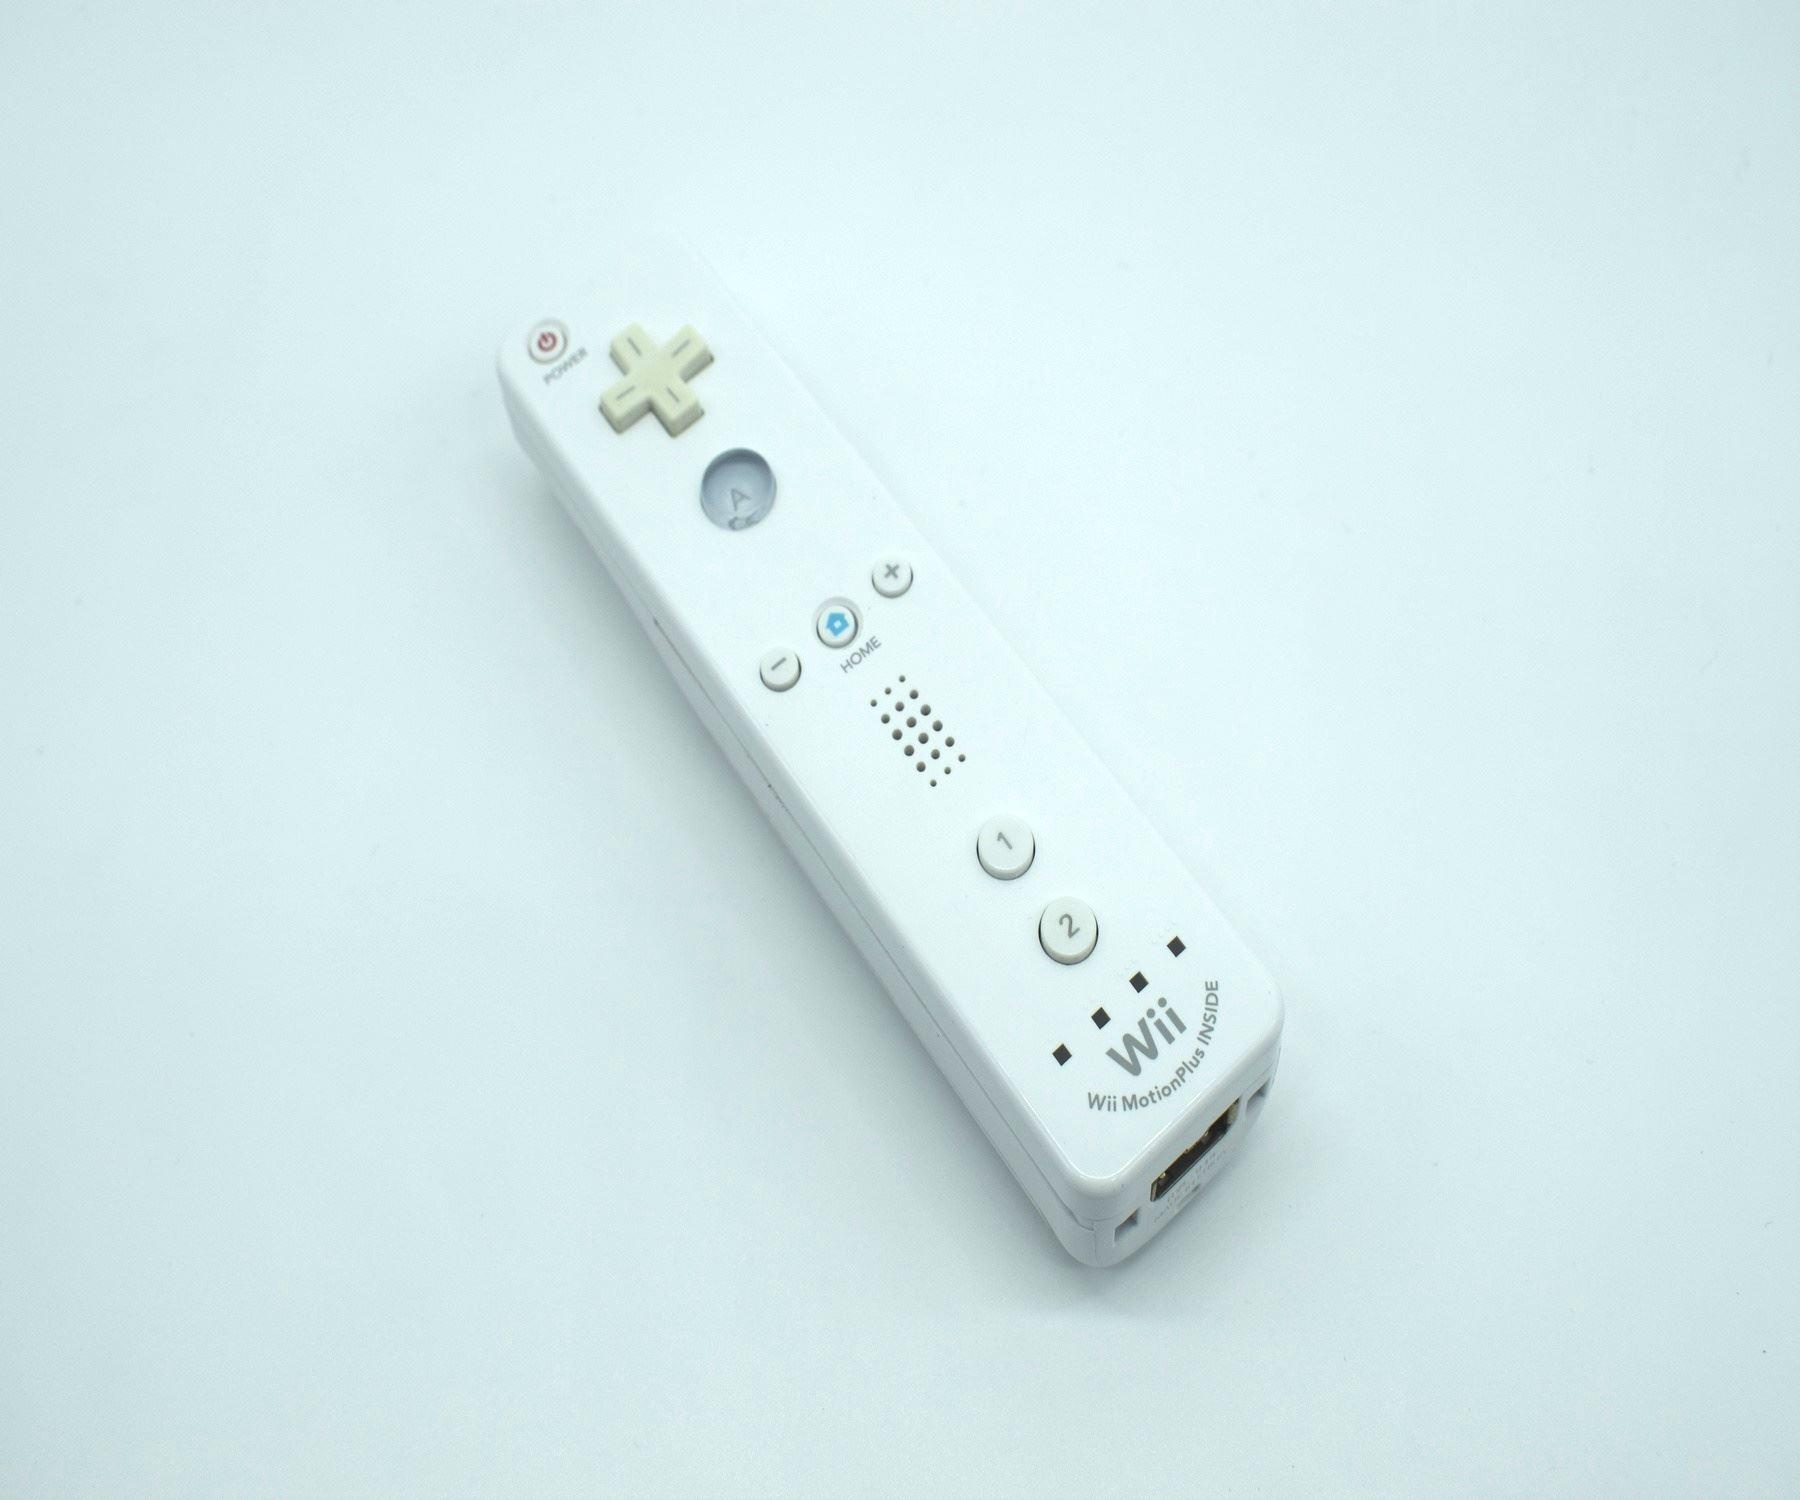 Official-Nintendo-Wii-amp-Remote-U-Plus-Genuine-Original-Controller miniatuur 57